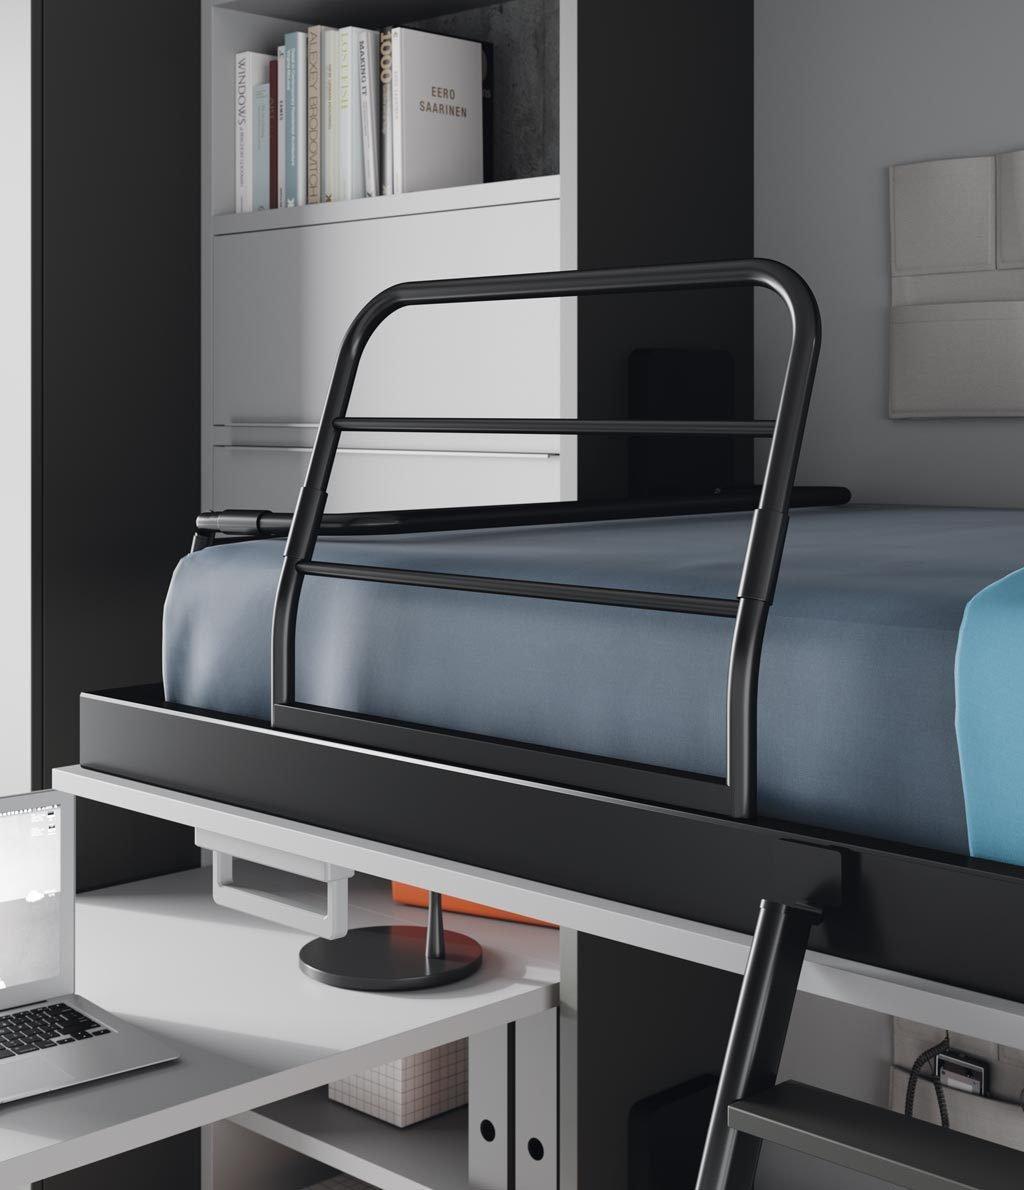 Detalle del protector metálico abierto en la cama abatible superior